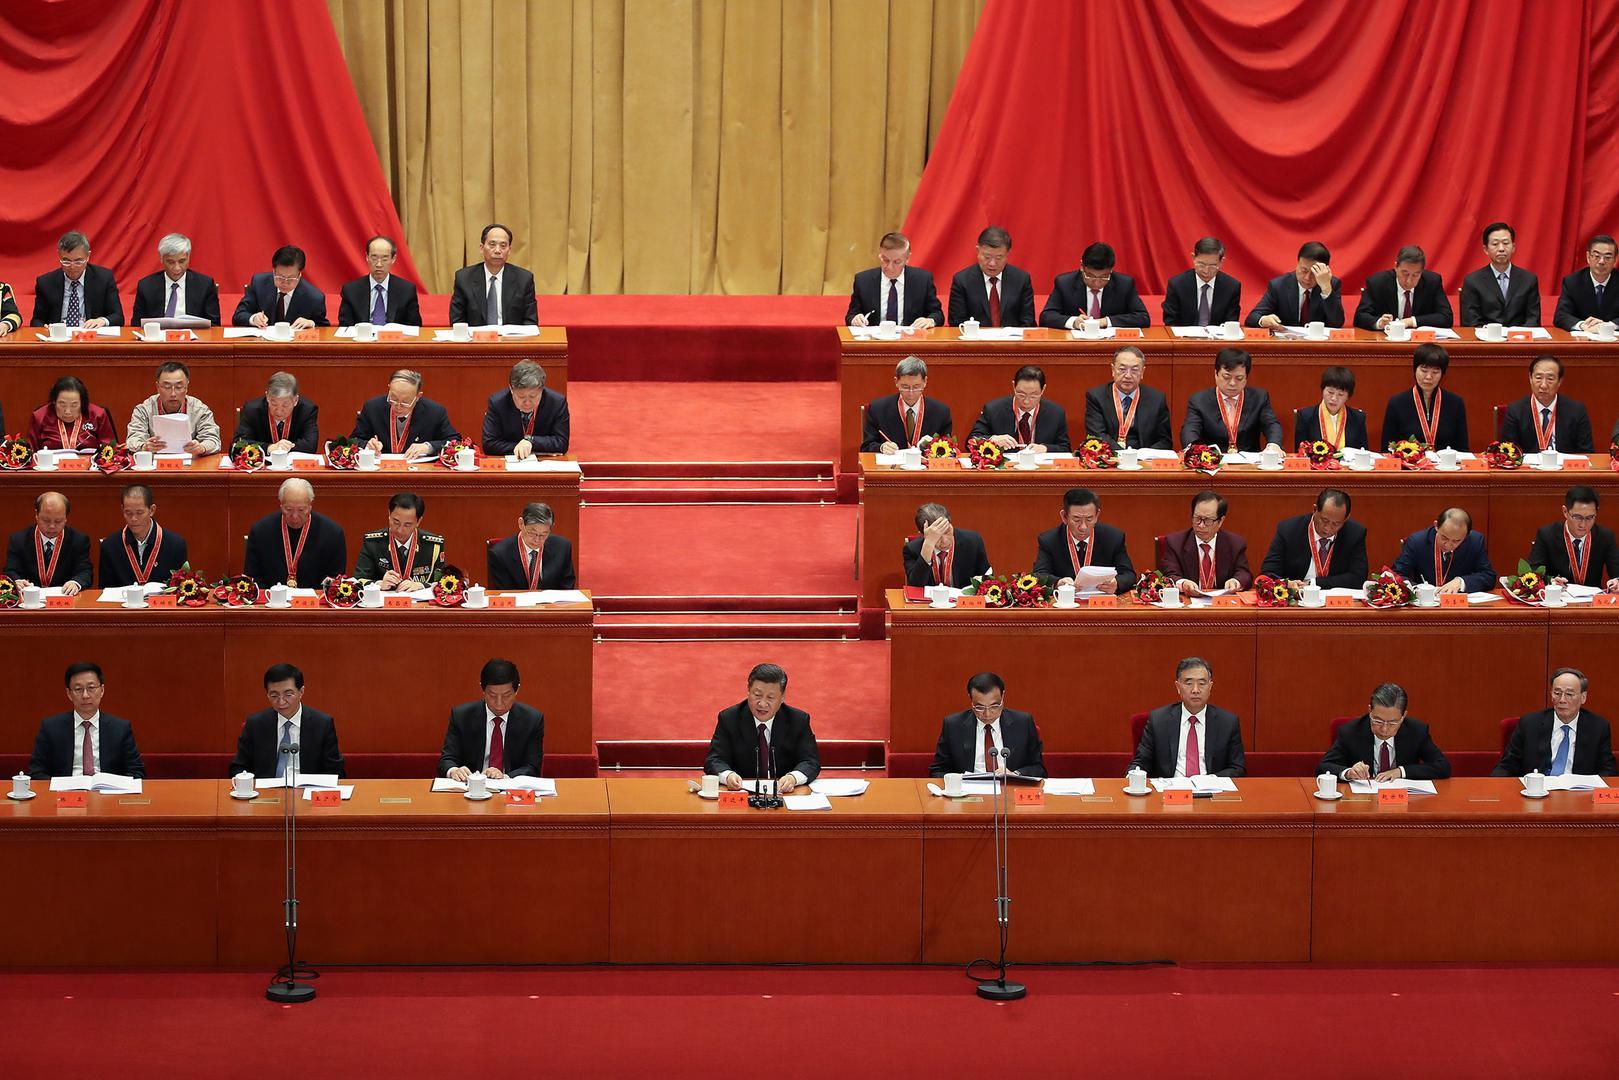 भड्काउ एवं सुखभोगी जीवनशैली अपनाउने चिनियाँ कम्युनिष्ट पार्टीका नेता तथा कार्यकर्तामाथि कारबाही